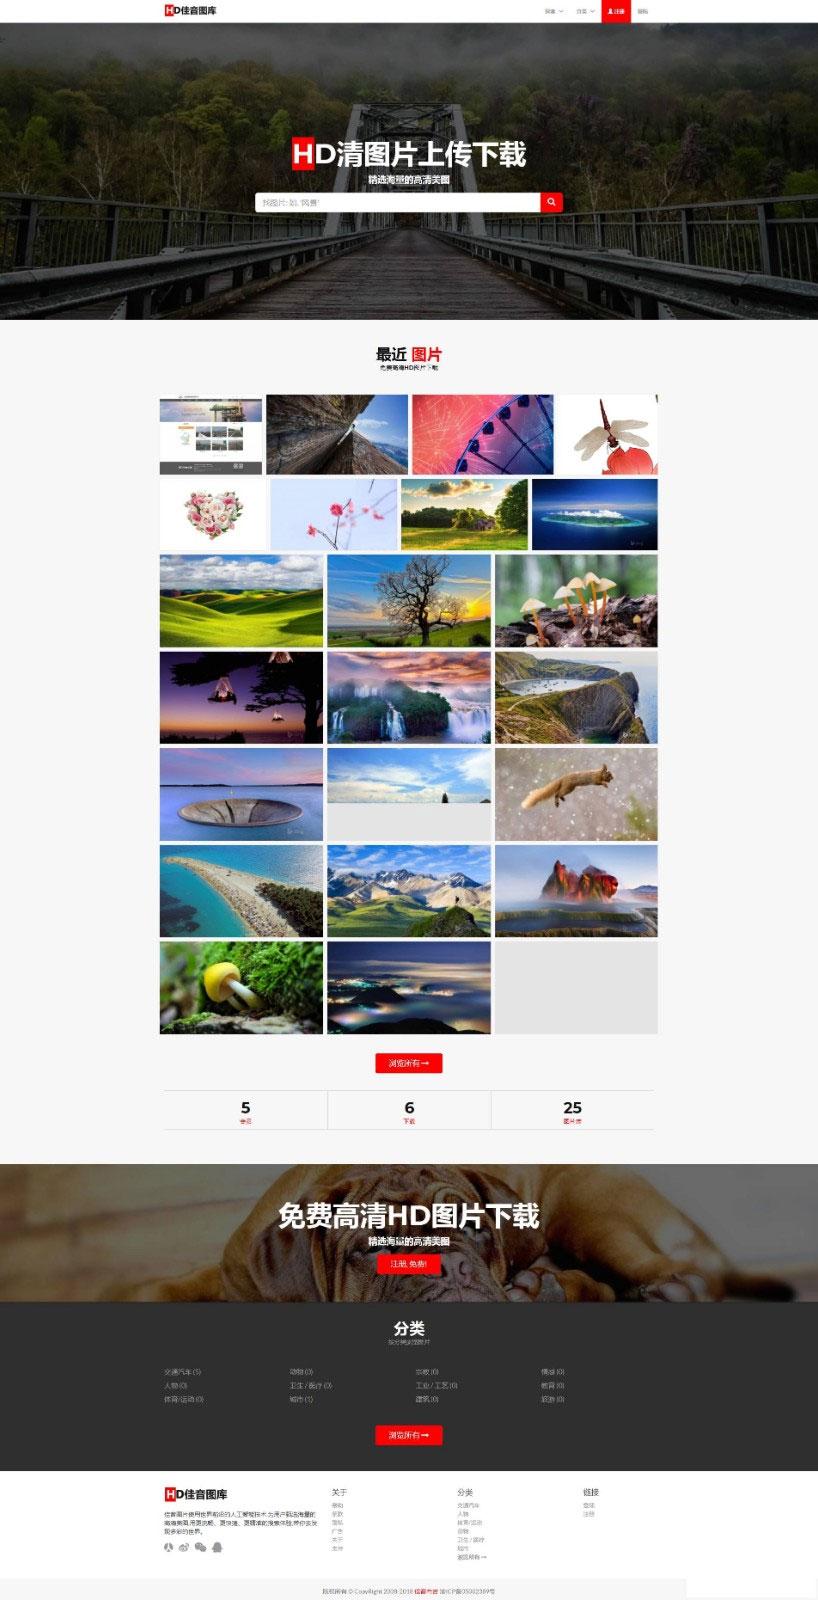 Laravel框架高清图库壁纸图片素材分享上传下载网站源码